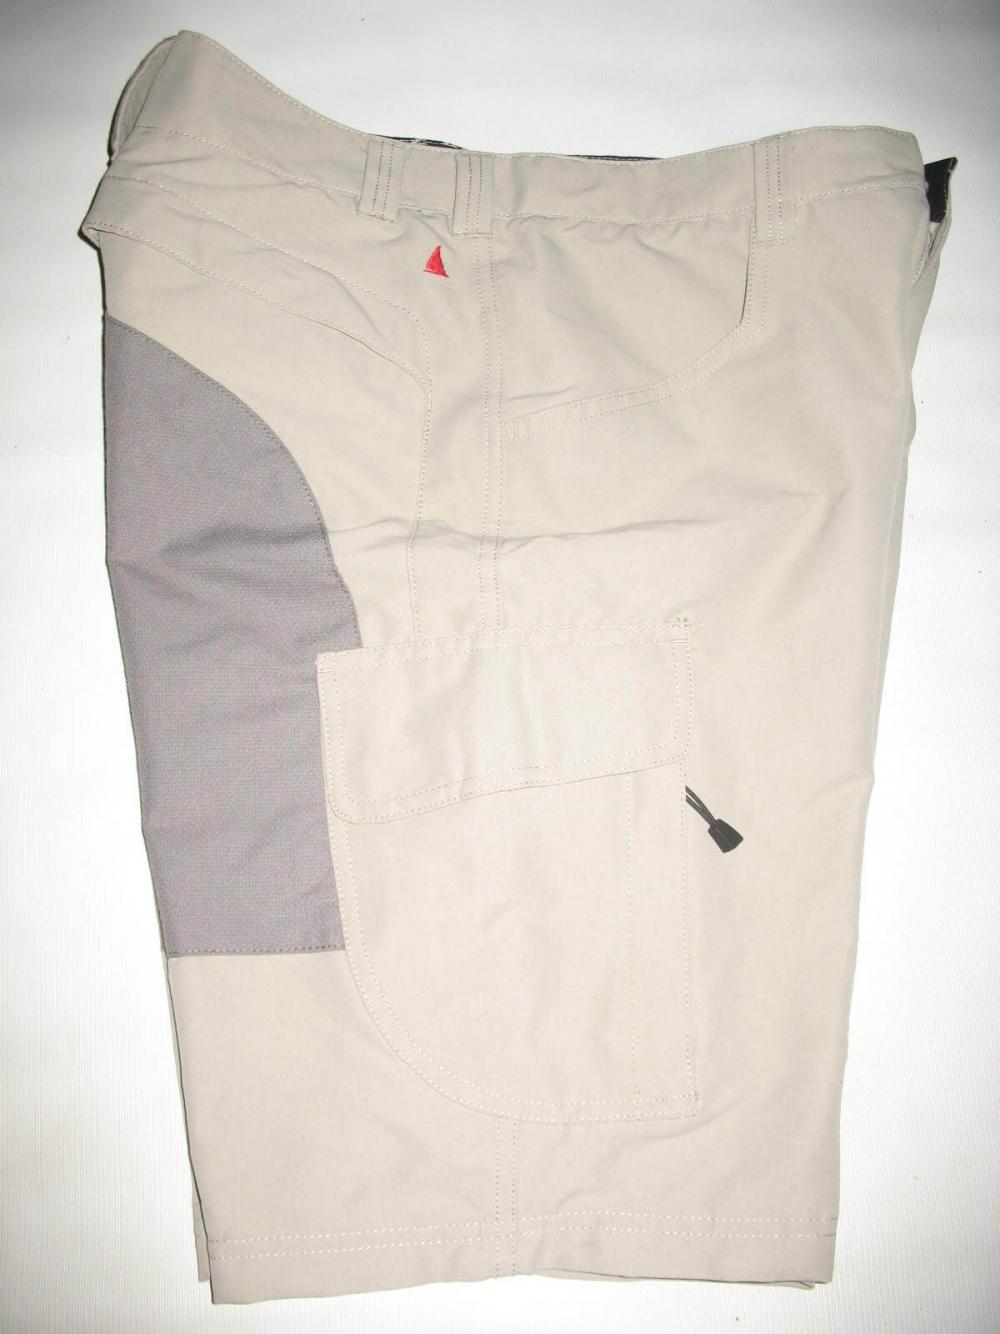 Шорты MUSTO evolution performance yachting shorts (размер 32/M) - 6